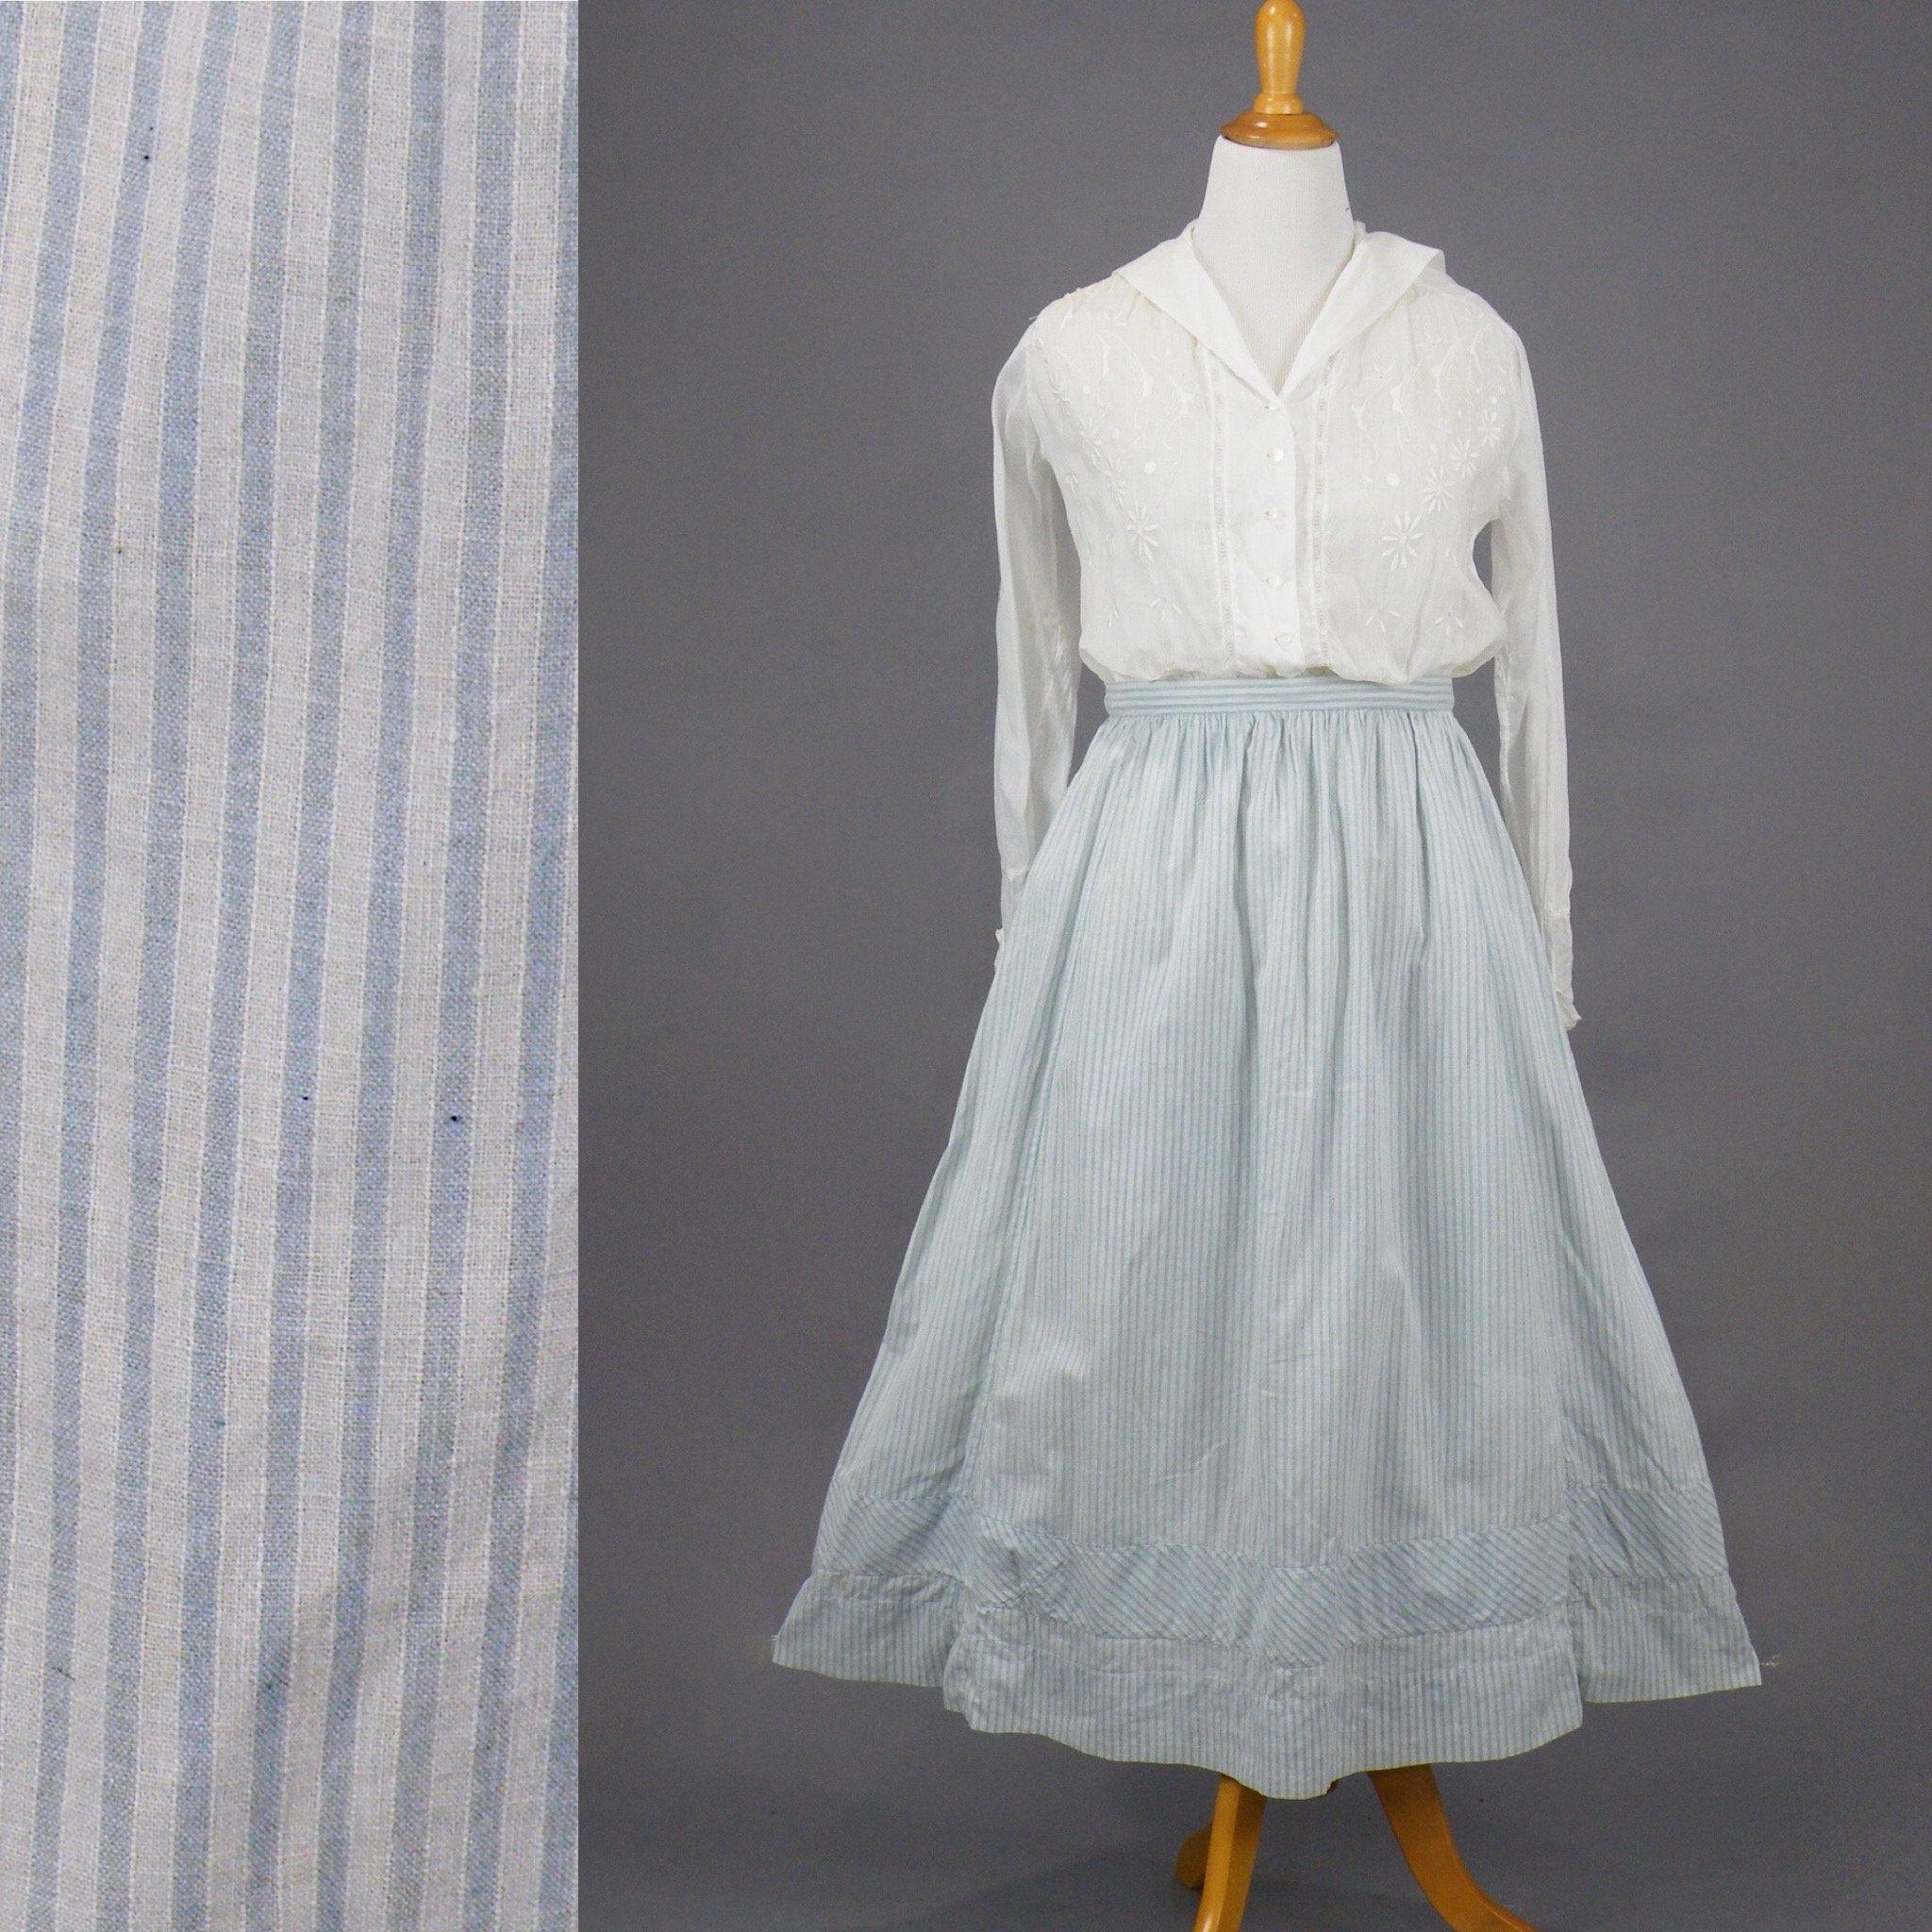 1900s 1910s Antique Striped Cotton Skirt Large Cotton Skirt Dress 1900 Event Dresses [ 2048 x 2048 Pixel ]